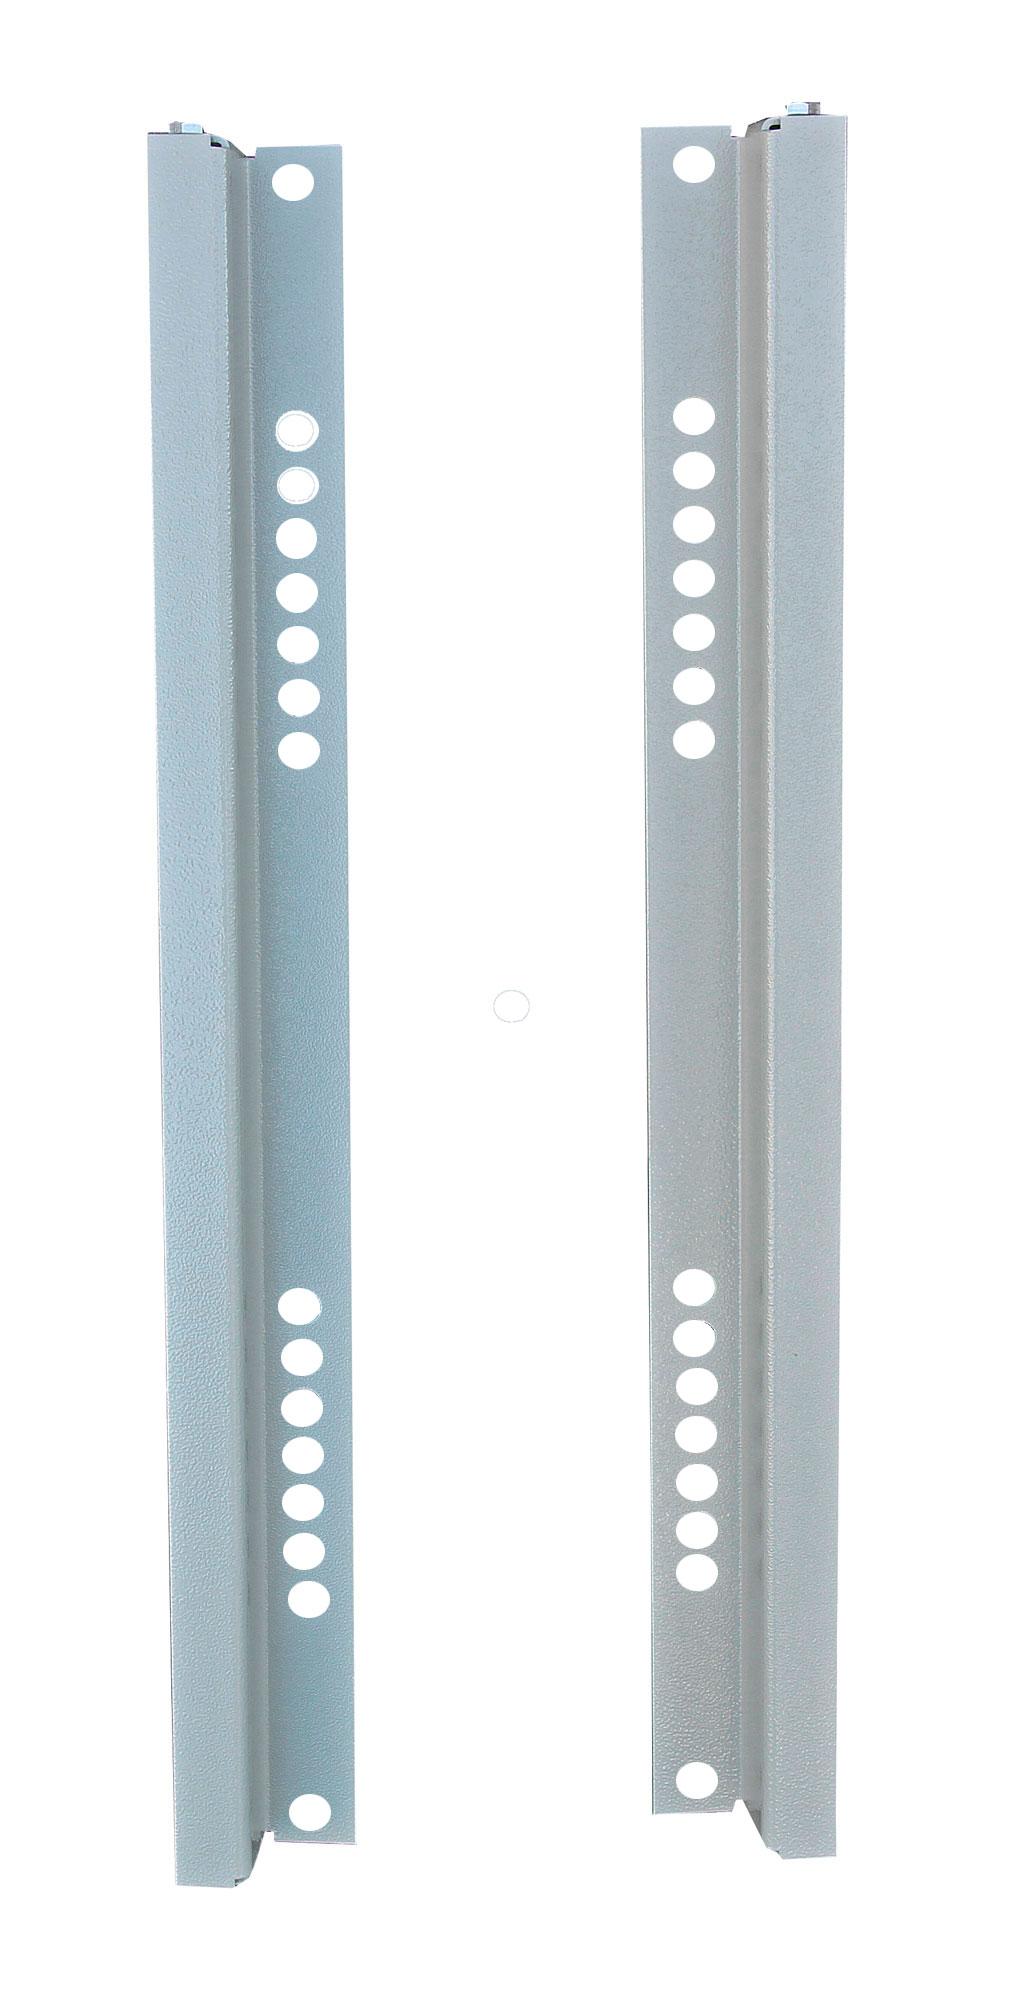 Stolpfaste-till-Dubbelvaggiga-Aluminiumsskap-1000mm-breda